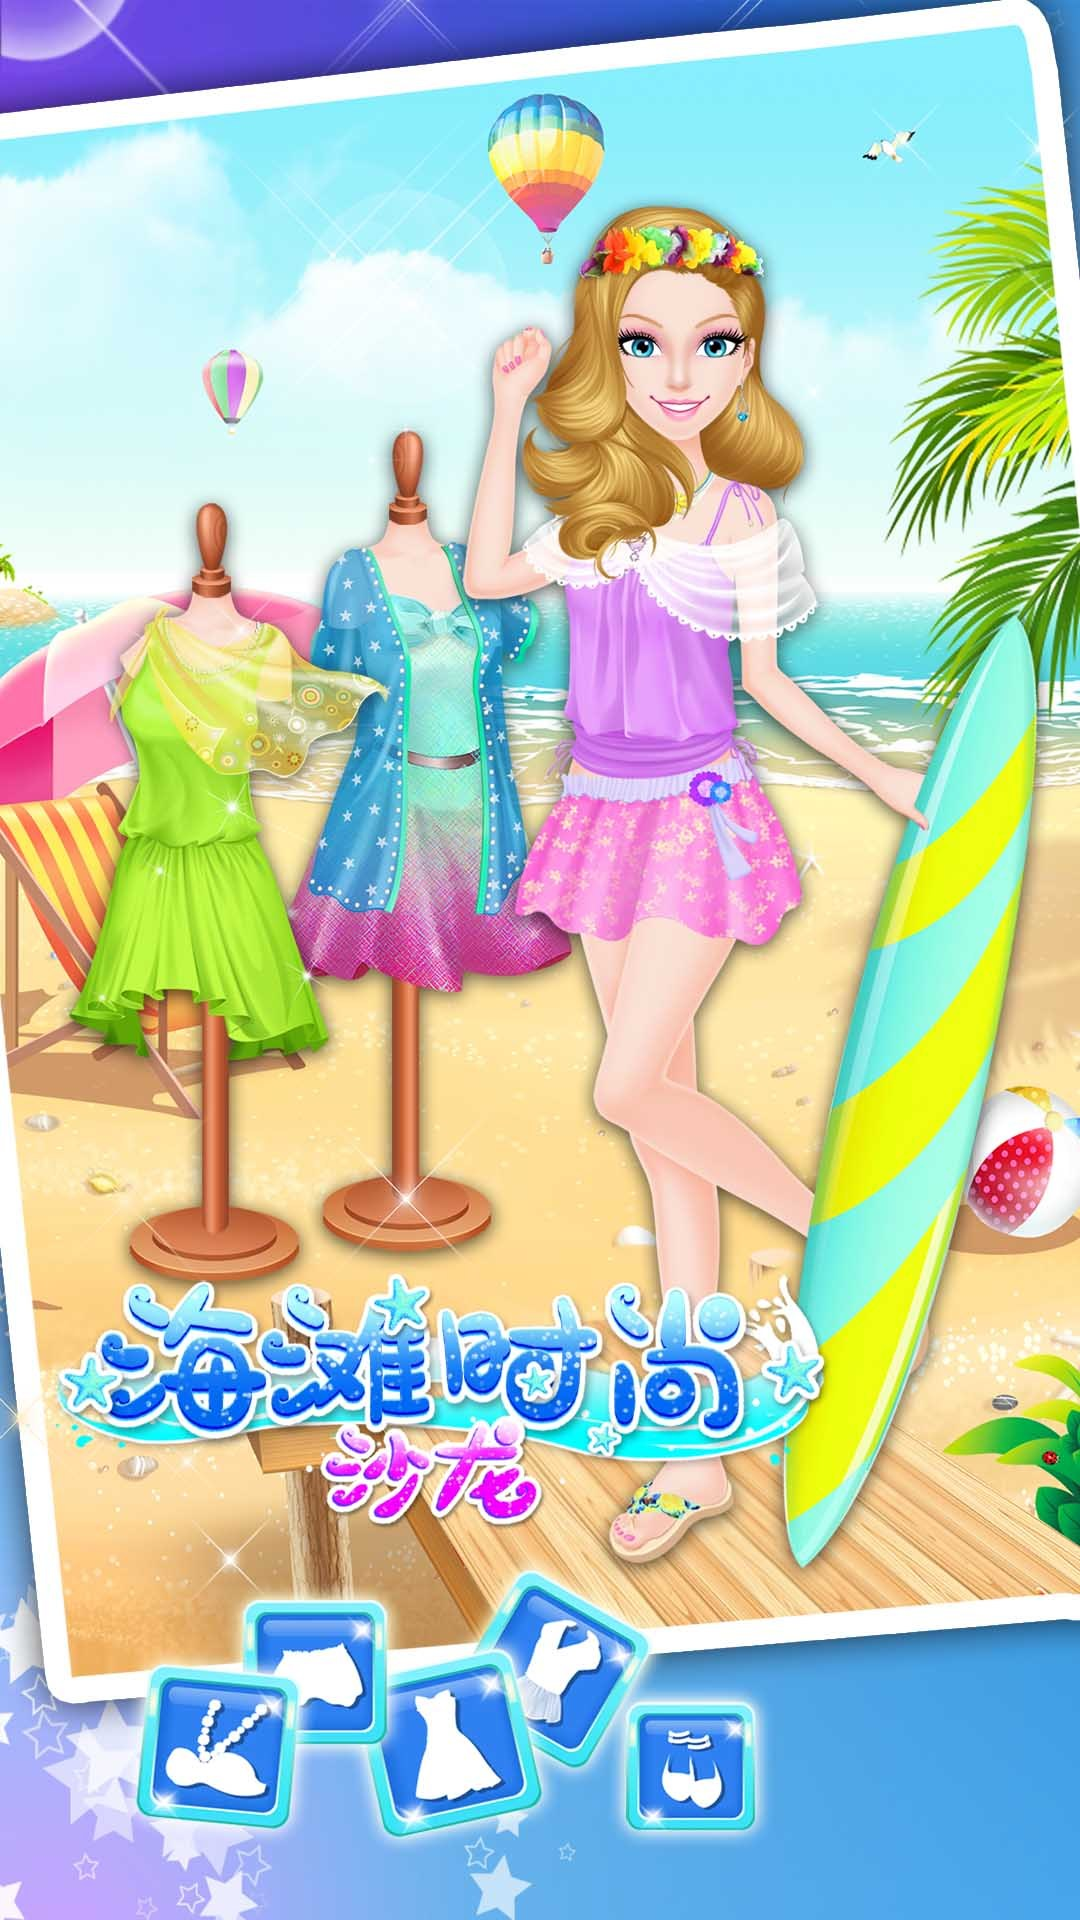 夏季海滩沙龙第1张